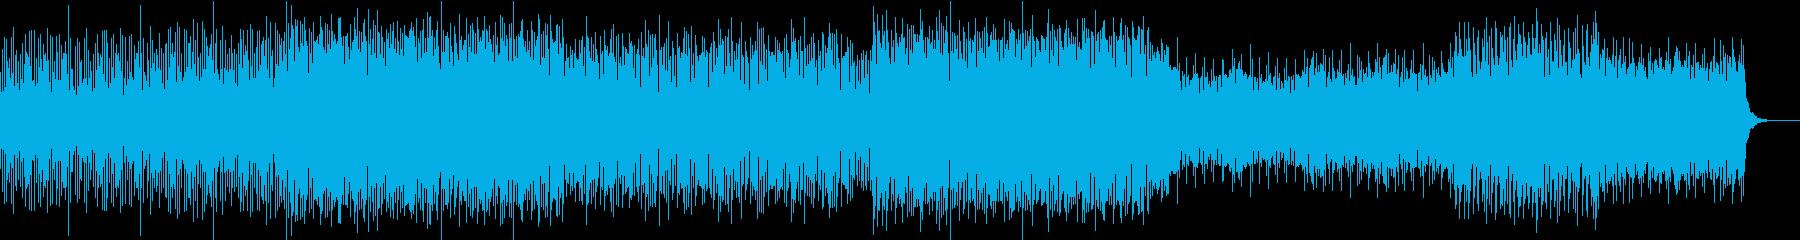 キャッチーでポップなエレクトロの再生済みの波形